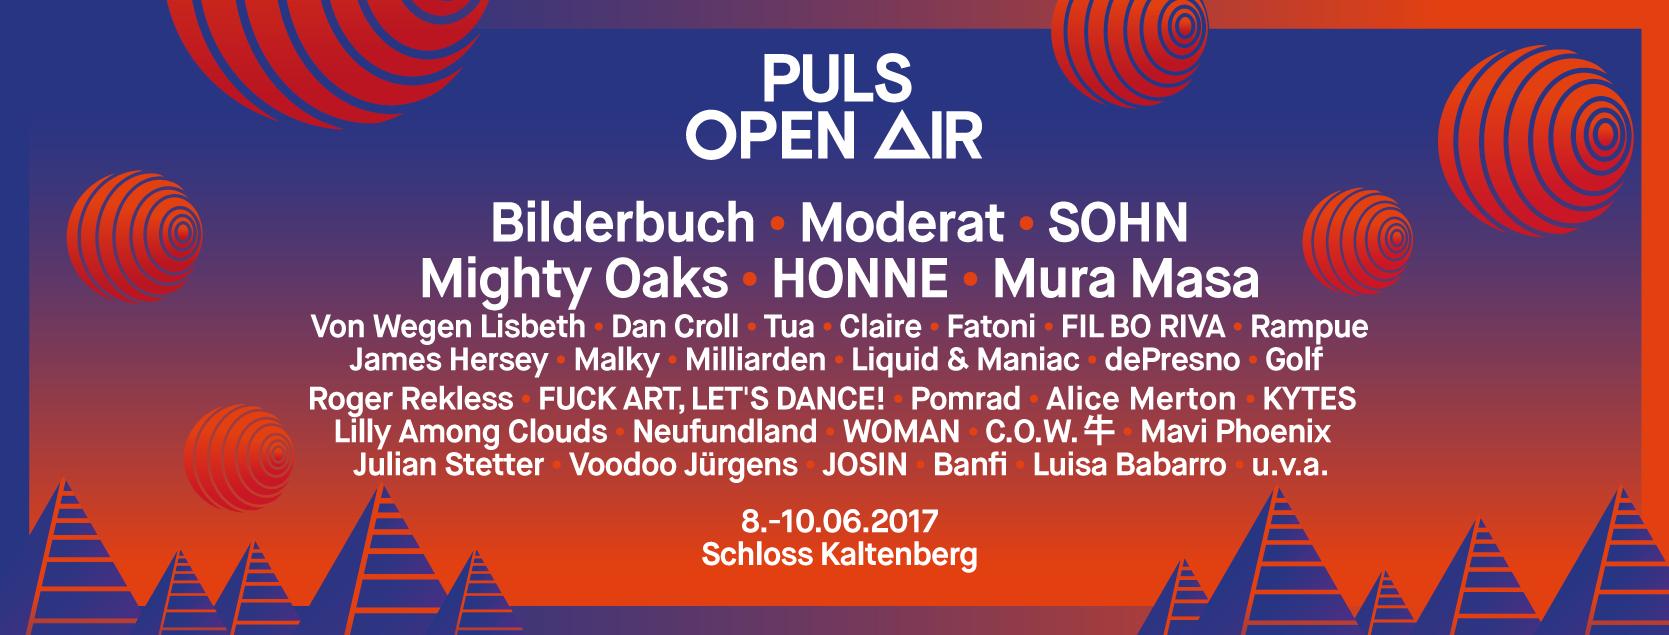 10% auf Tickets zum PULS-Open-Air im Juni